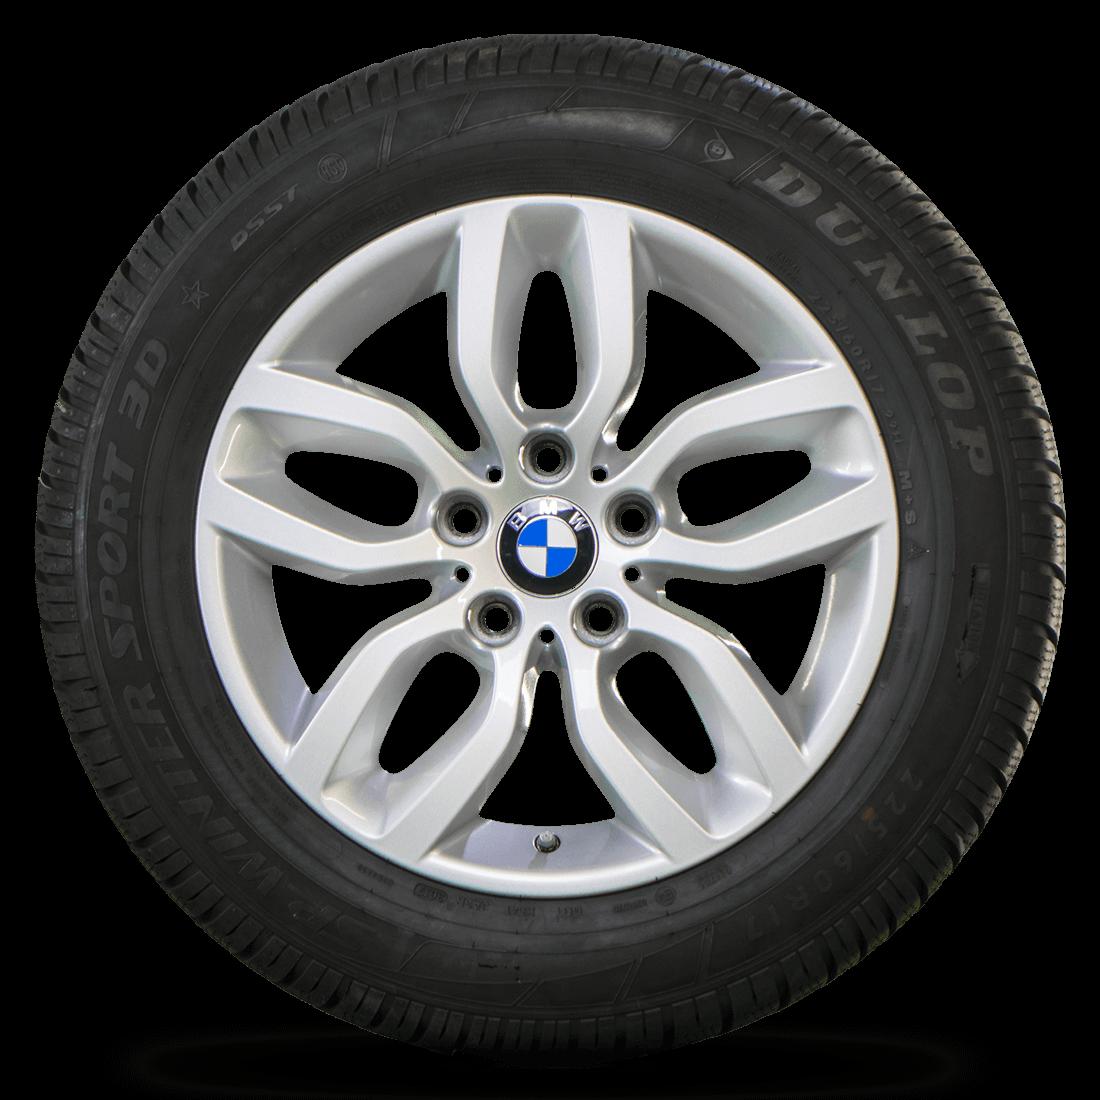 BMW 17 Zoll Felgen Winterräder X3 F25 X4 F26 Styling 305 Winterreifen Alufelgen